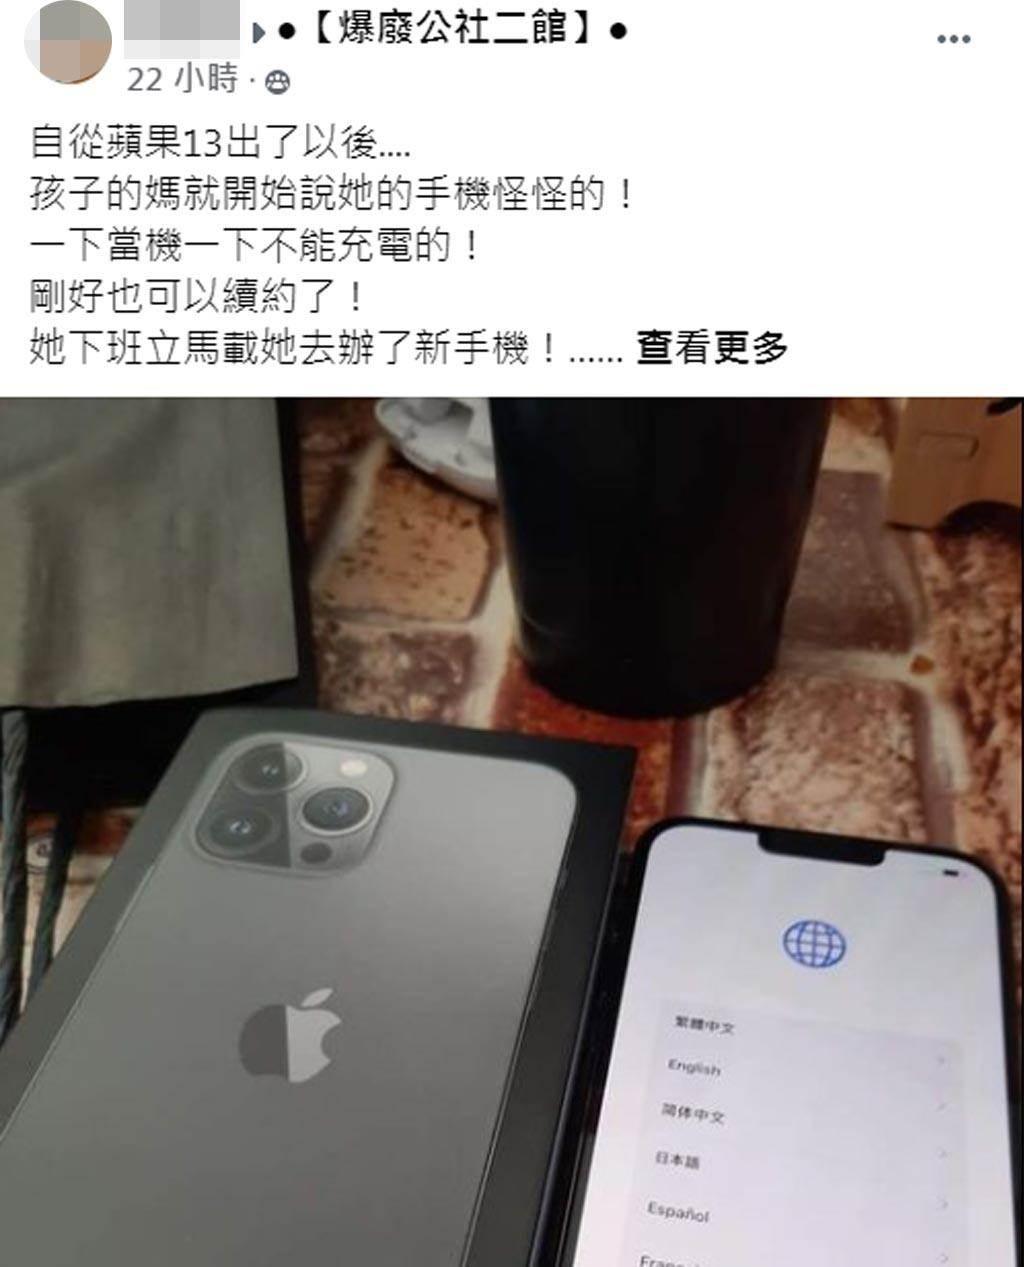 人夫驚艷妻子收到iPhone 13後「老婆也更新了」。(截自臉書社團《●【爆廢公社二館】●》)